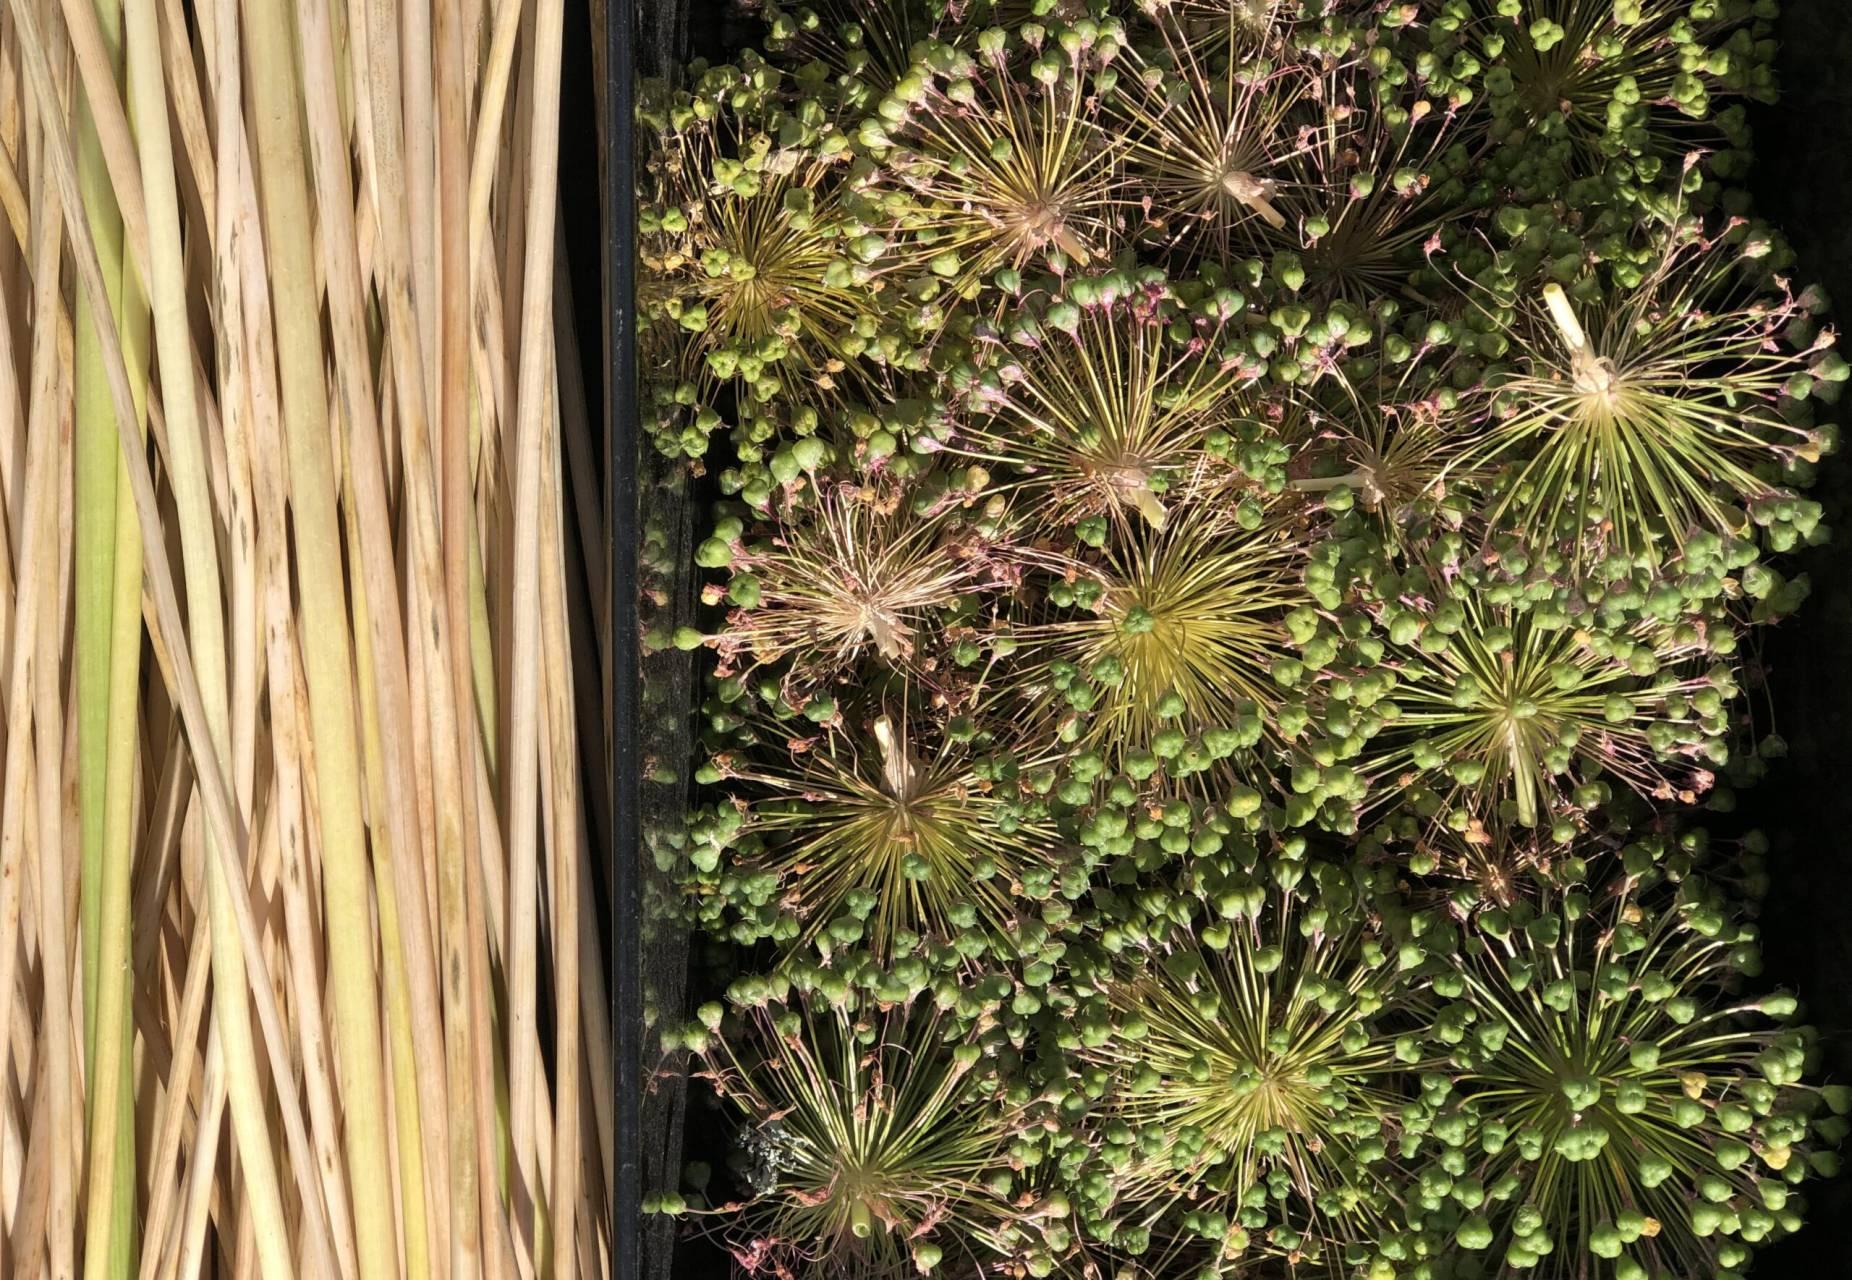 Fröhus och stänglar av utblommad allium tar vi tillvara och spar till nästa års odlingssäsong.